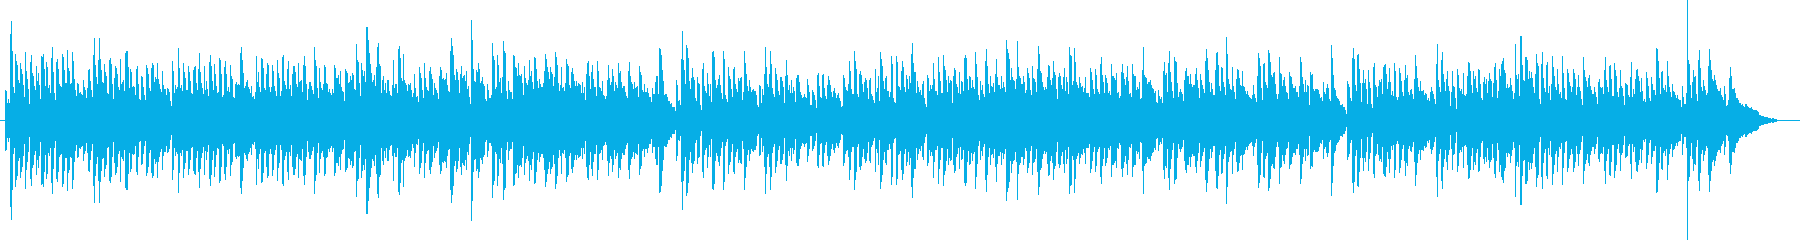 マンドリン風ギター コンドル 山岳民謡の再生済みの波形